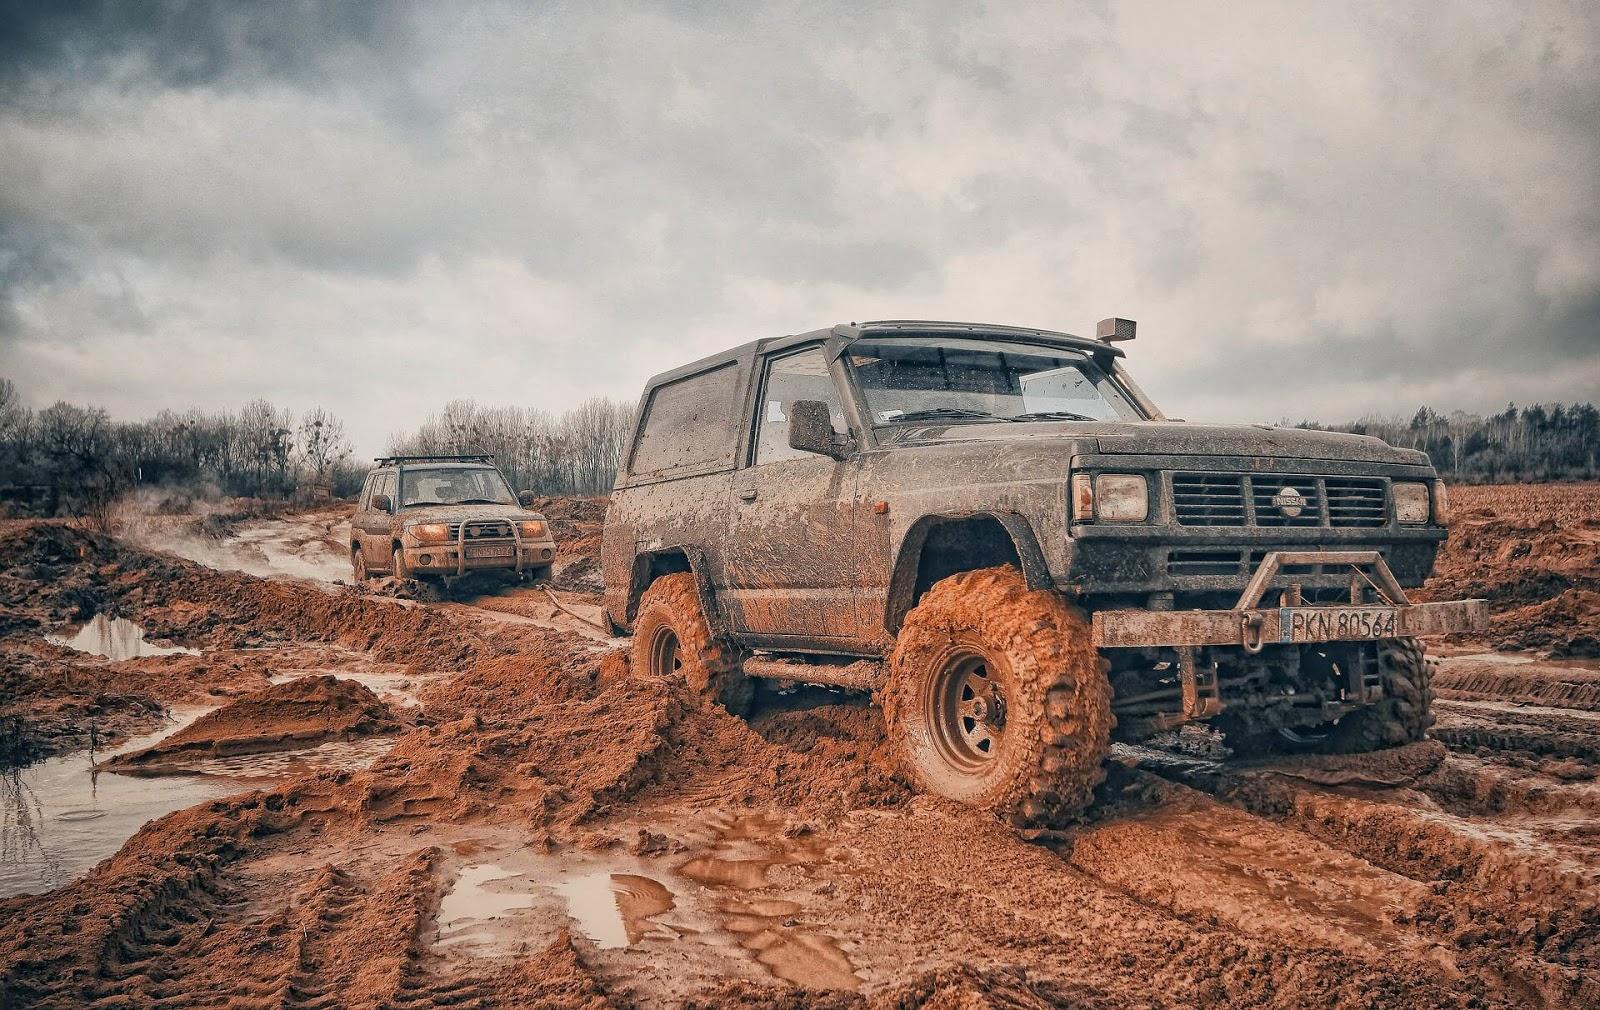 Nissan jeep , mitsubishi pajero, wheeling on mud